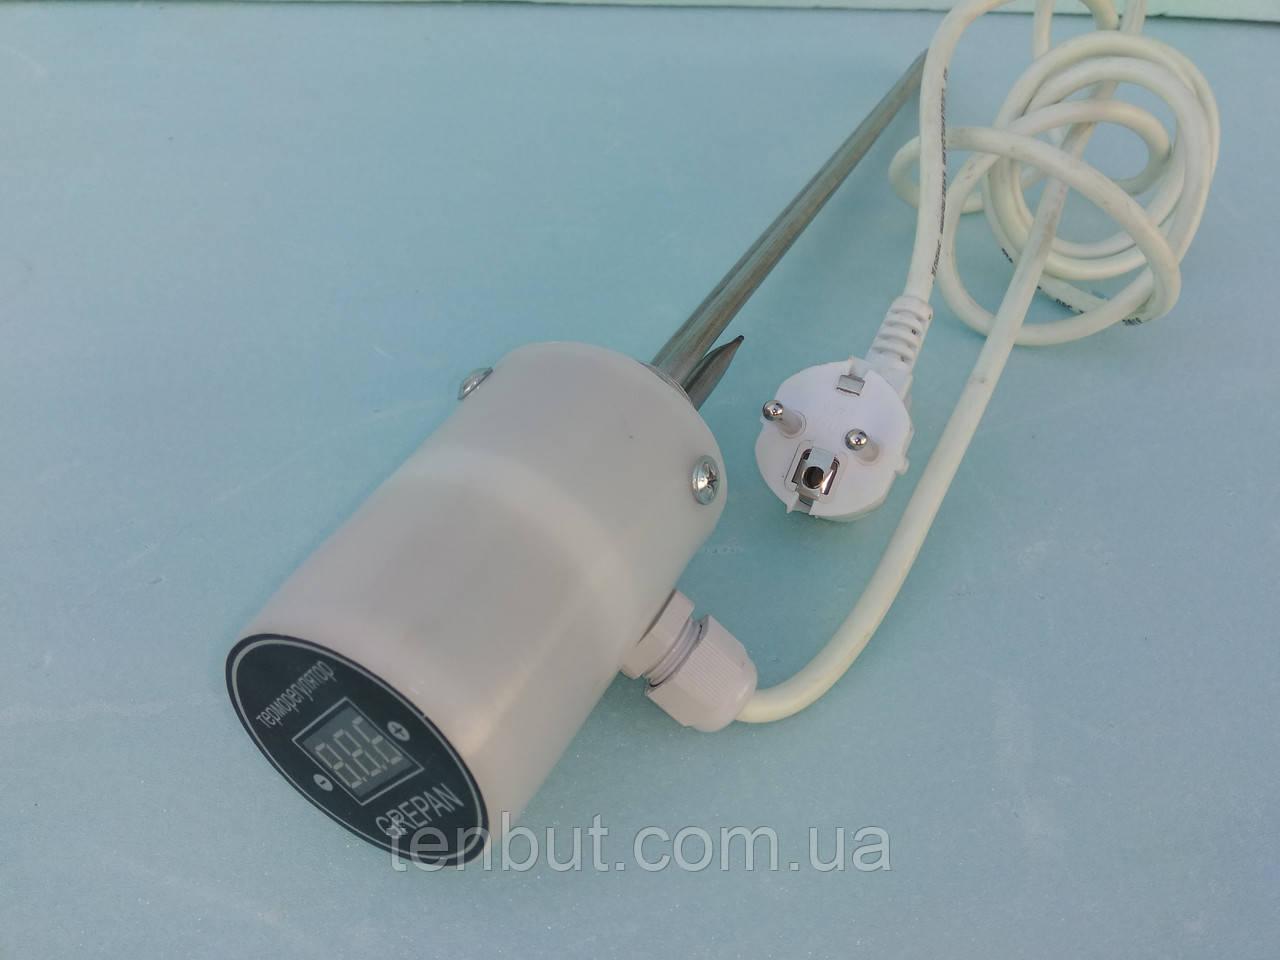 """Тен в алюмінієву батарею з цифровим терморегулятором права різьба 1.5 кВт./1"""" дюйм /L-520мм. Україна GREPAN"""